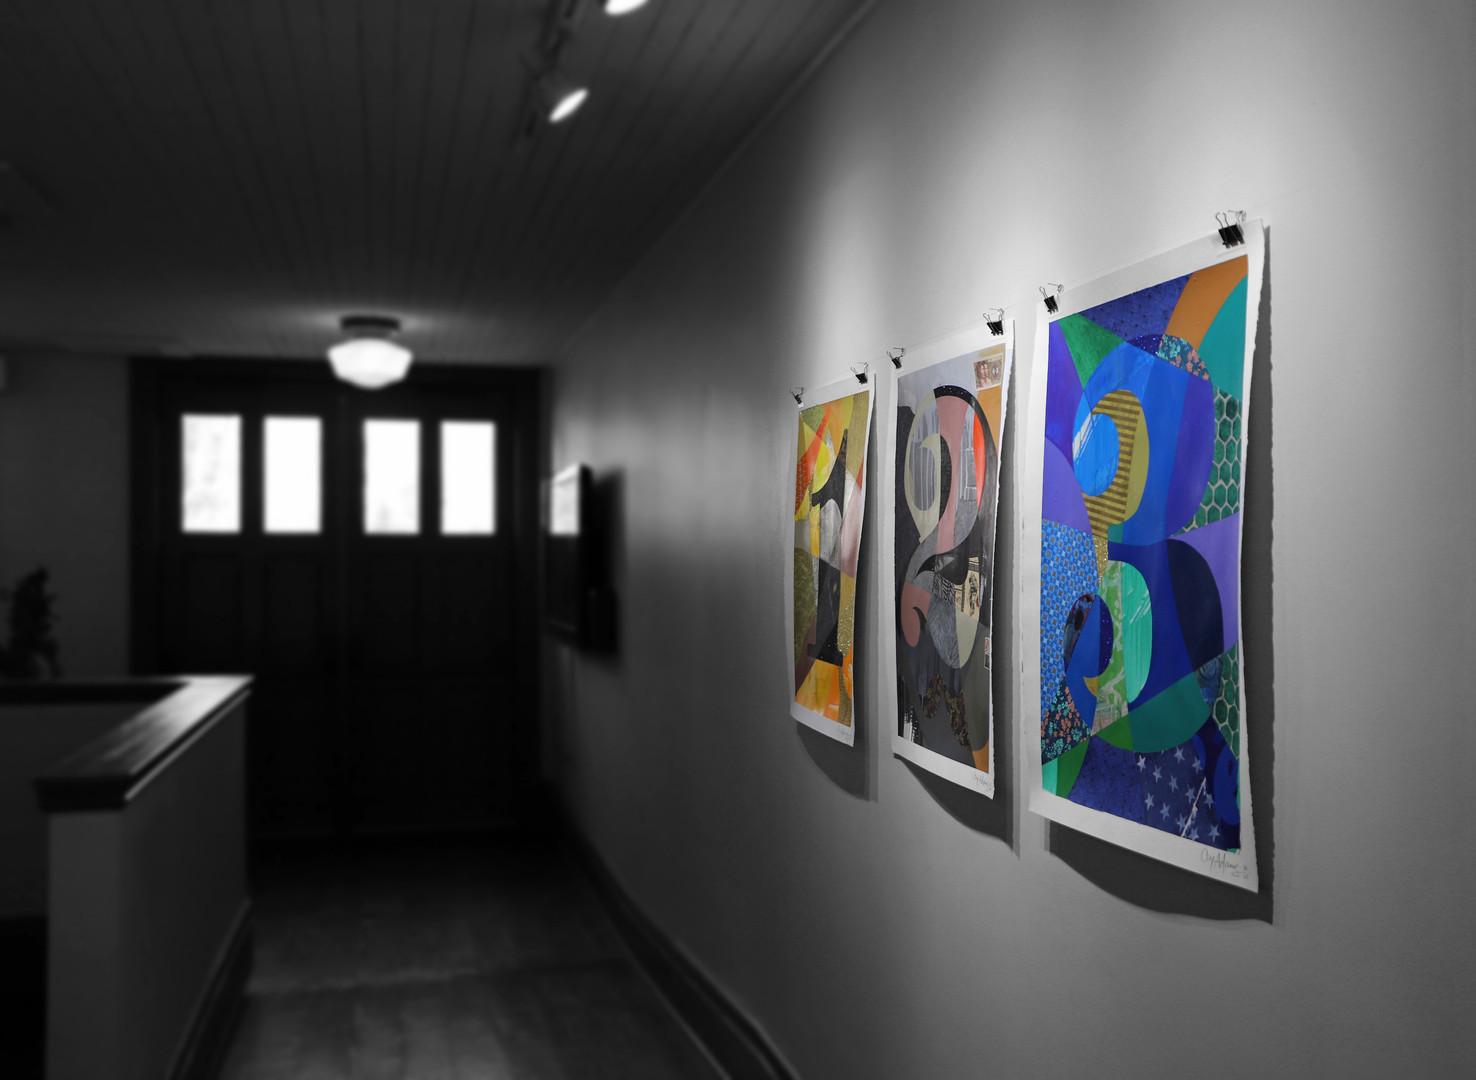 Cey Adams Exhibit at CSPS Hall